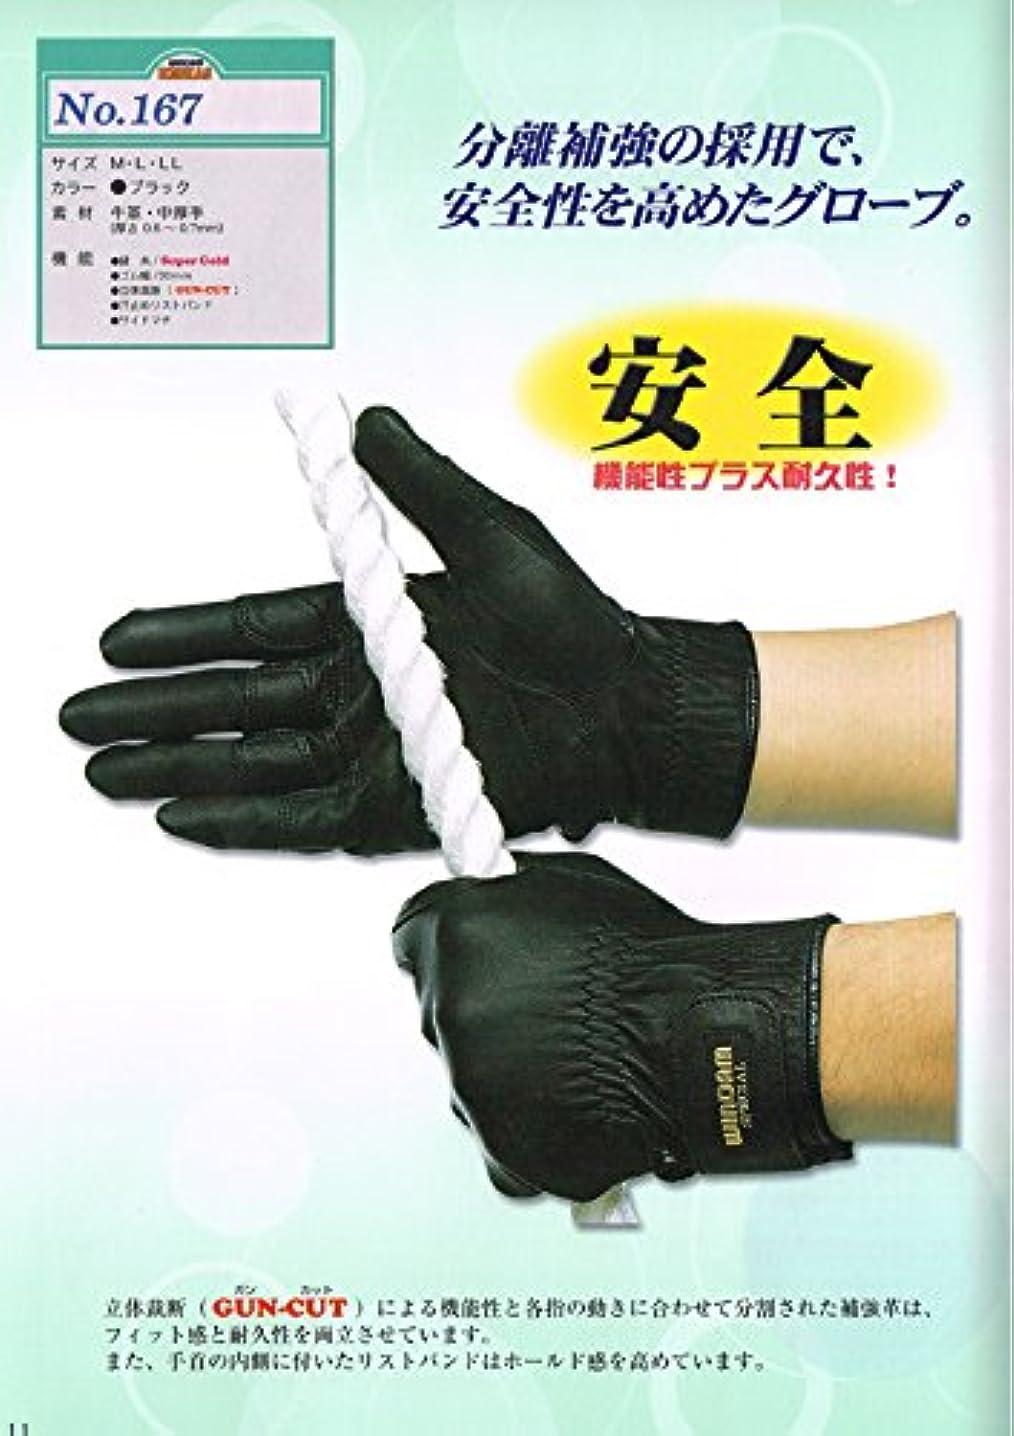 プーノ福祉振り子レスカス No.167 Lサイズ 消防_救助手袋_日本グローブサービスRESKAS